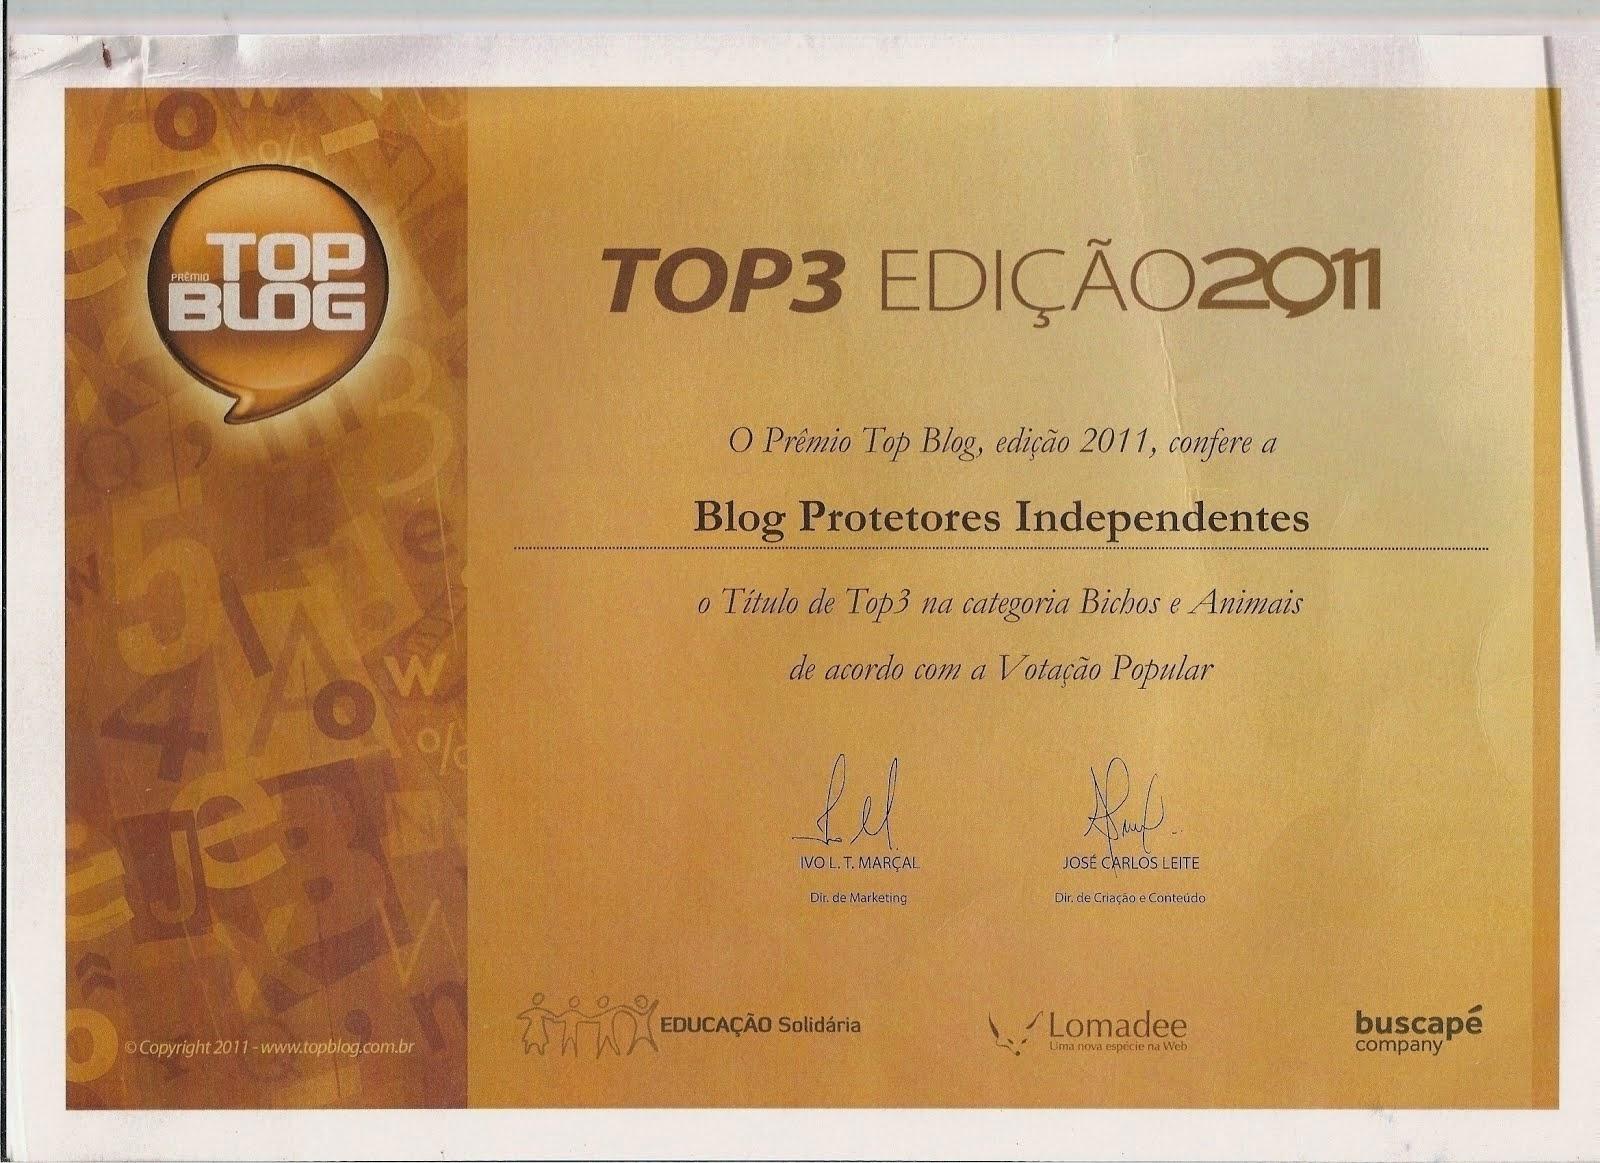 TOP3 EDIÇÃO 2011